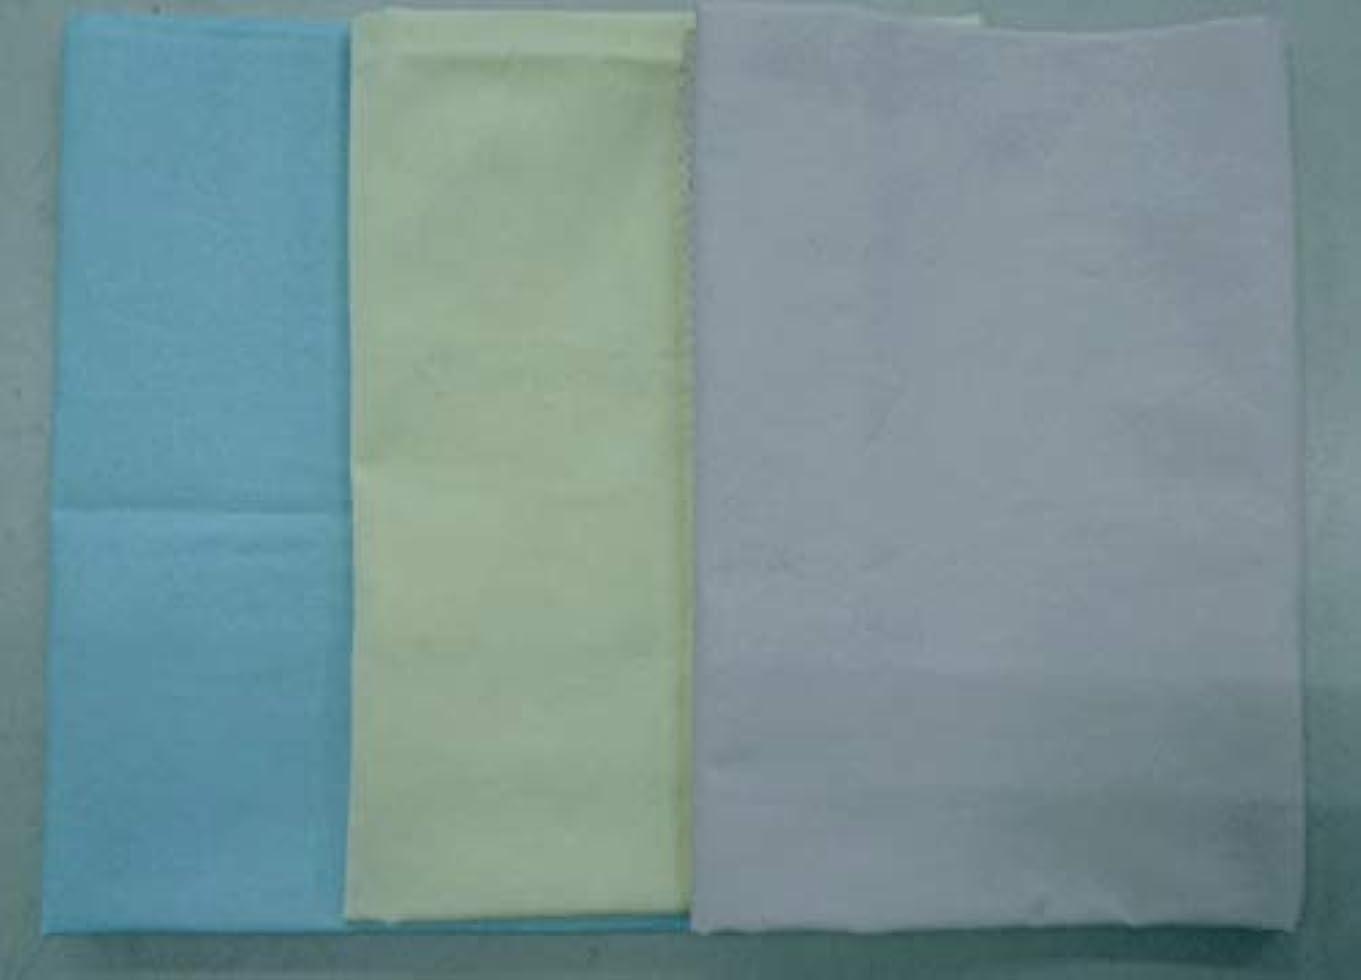 パトロンページェントムスブロード 生地 無地 95cm巾×50cm ピンク&水色&クリーム色 3枚セット